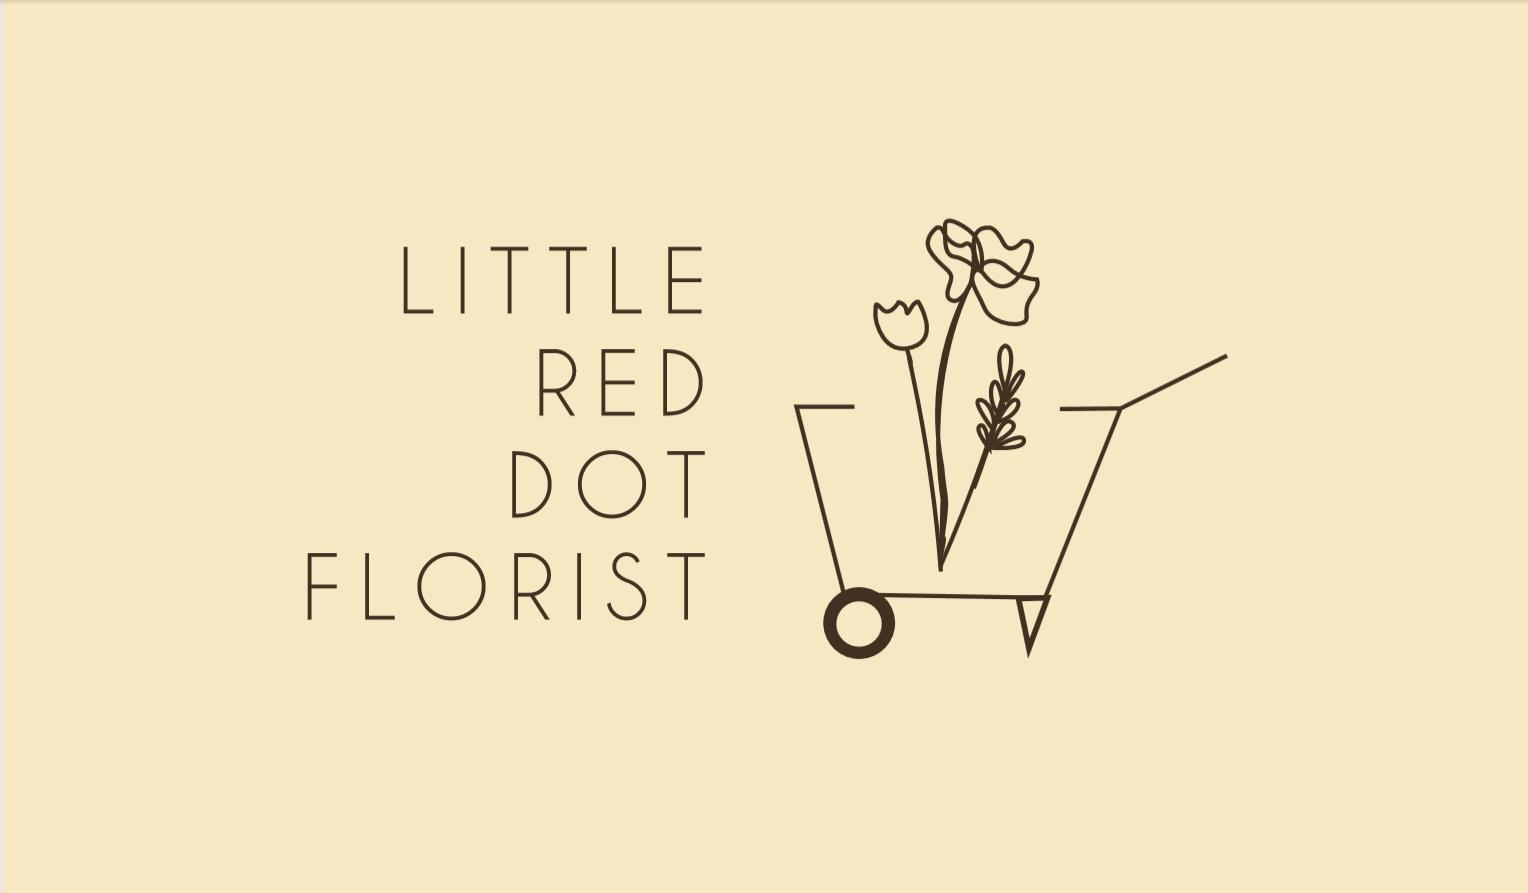 Little Red Dot Florist